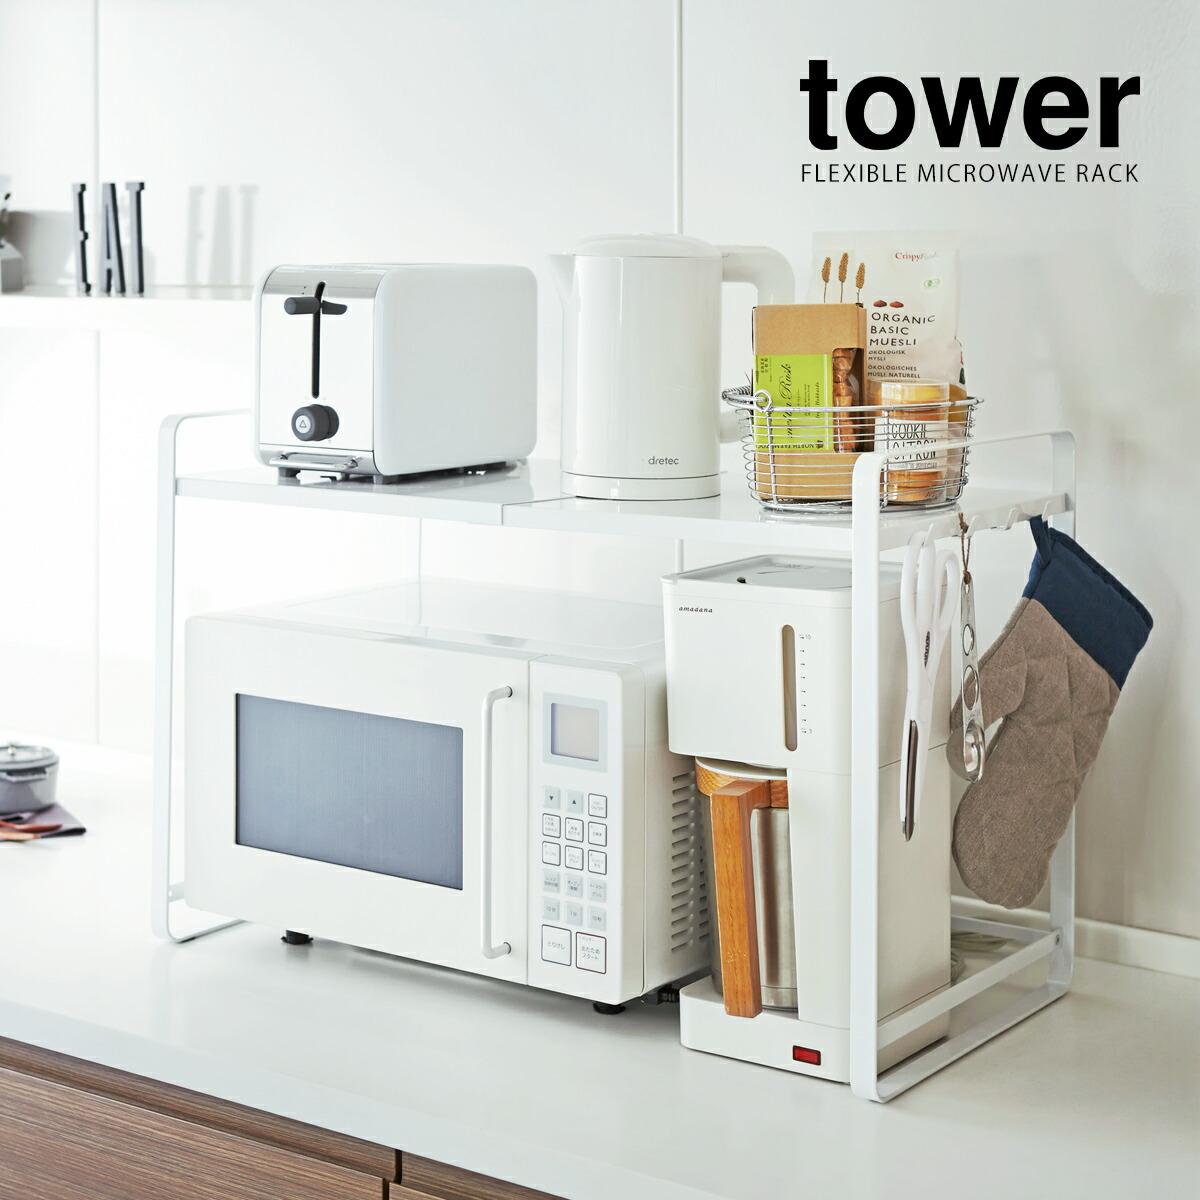 tower / タワー 伸縮レンジラック 電子レンジ ラック 収納 レンジ上 棚